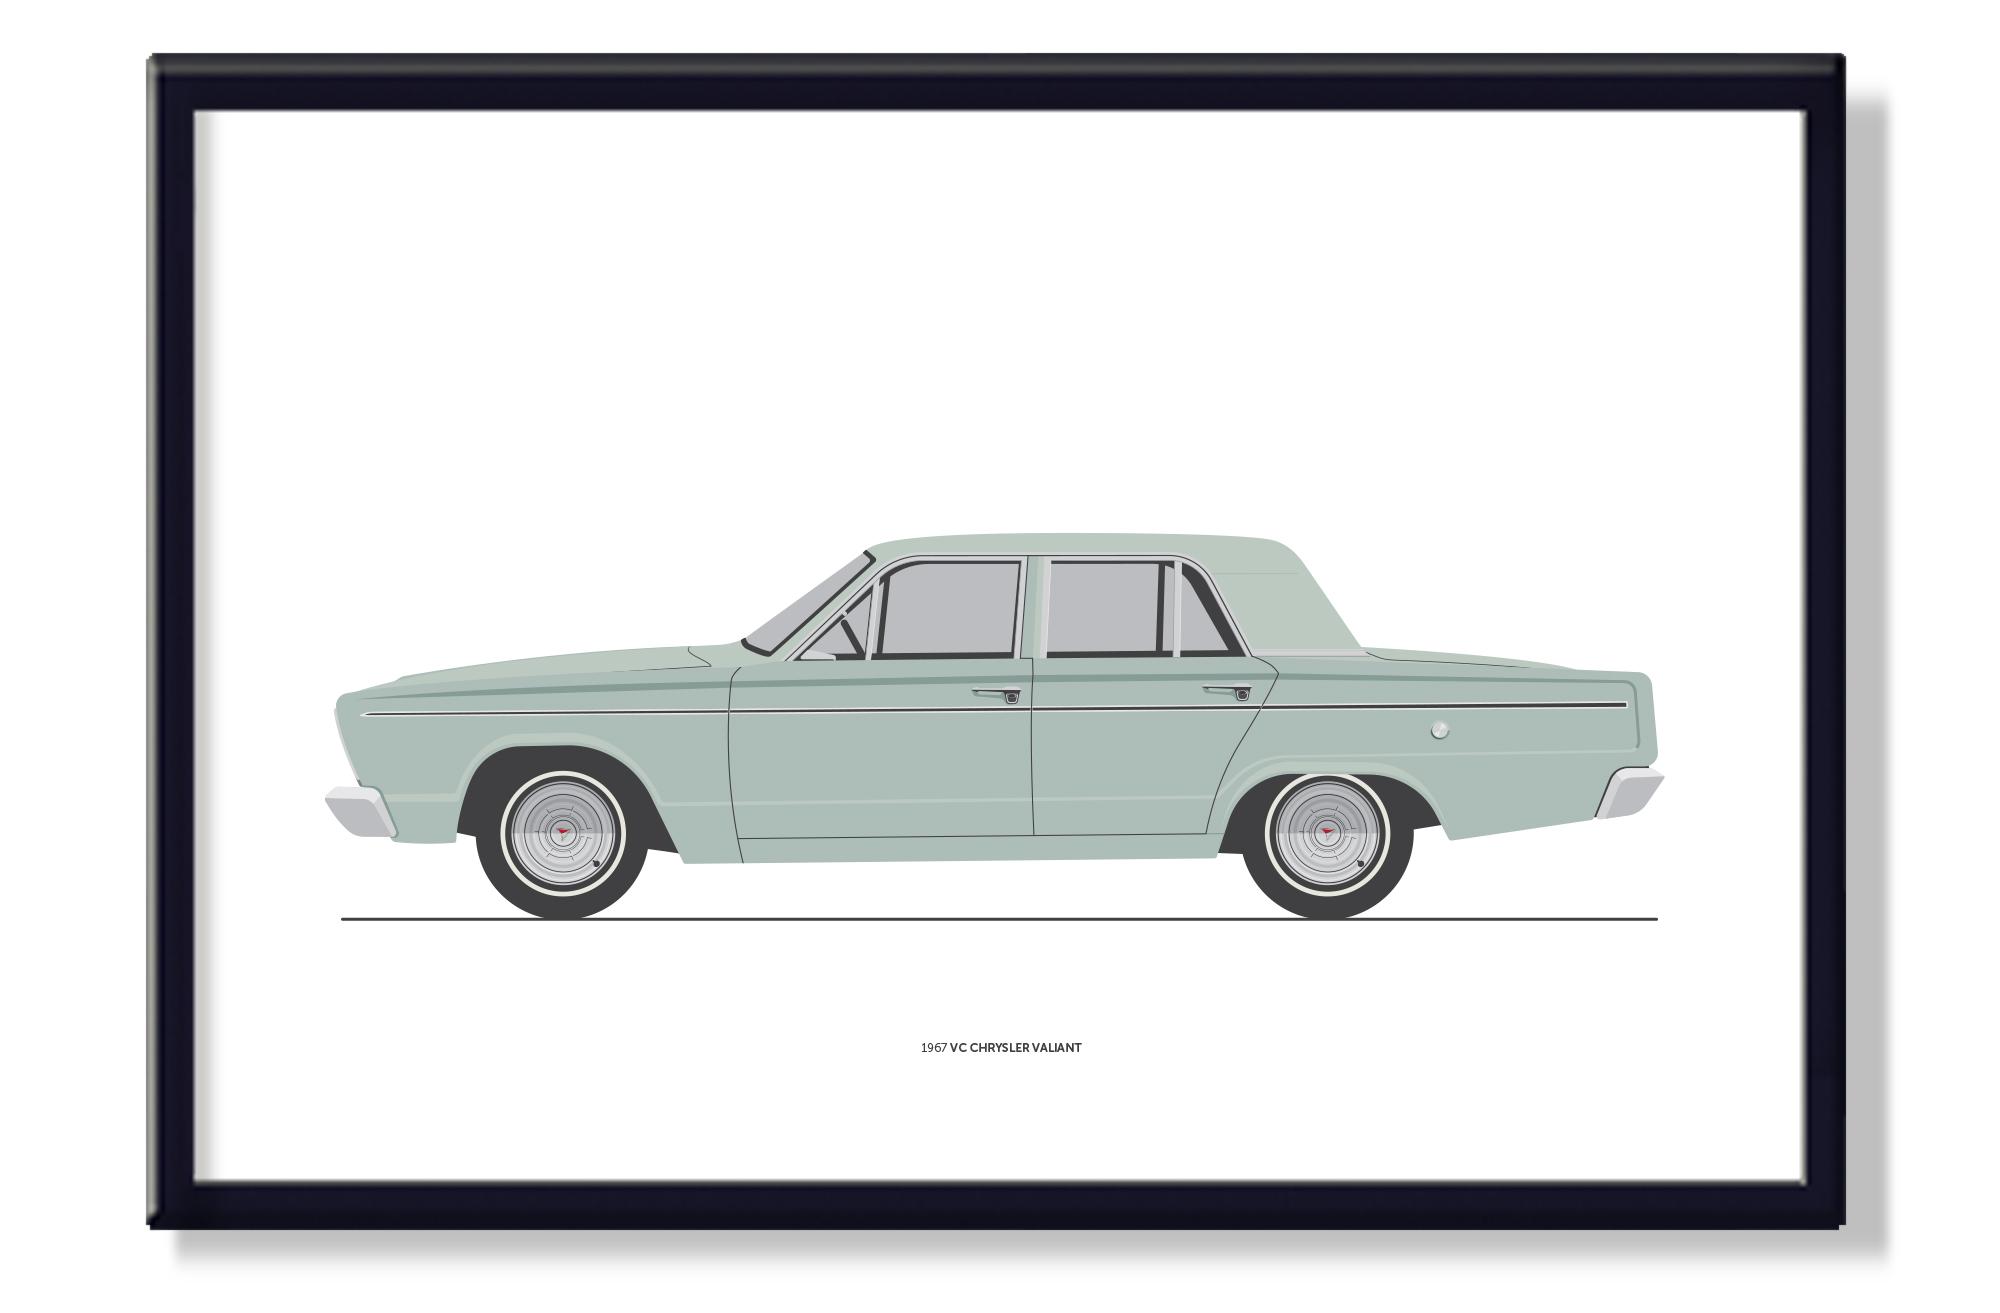 Blog-image-VC-Valiant-Chrysler